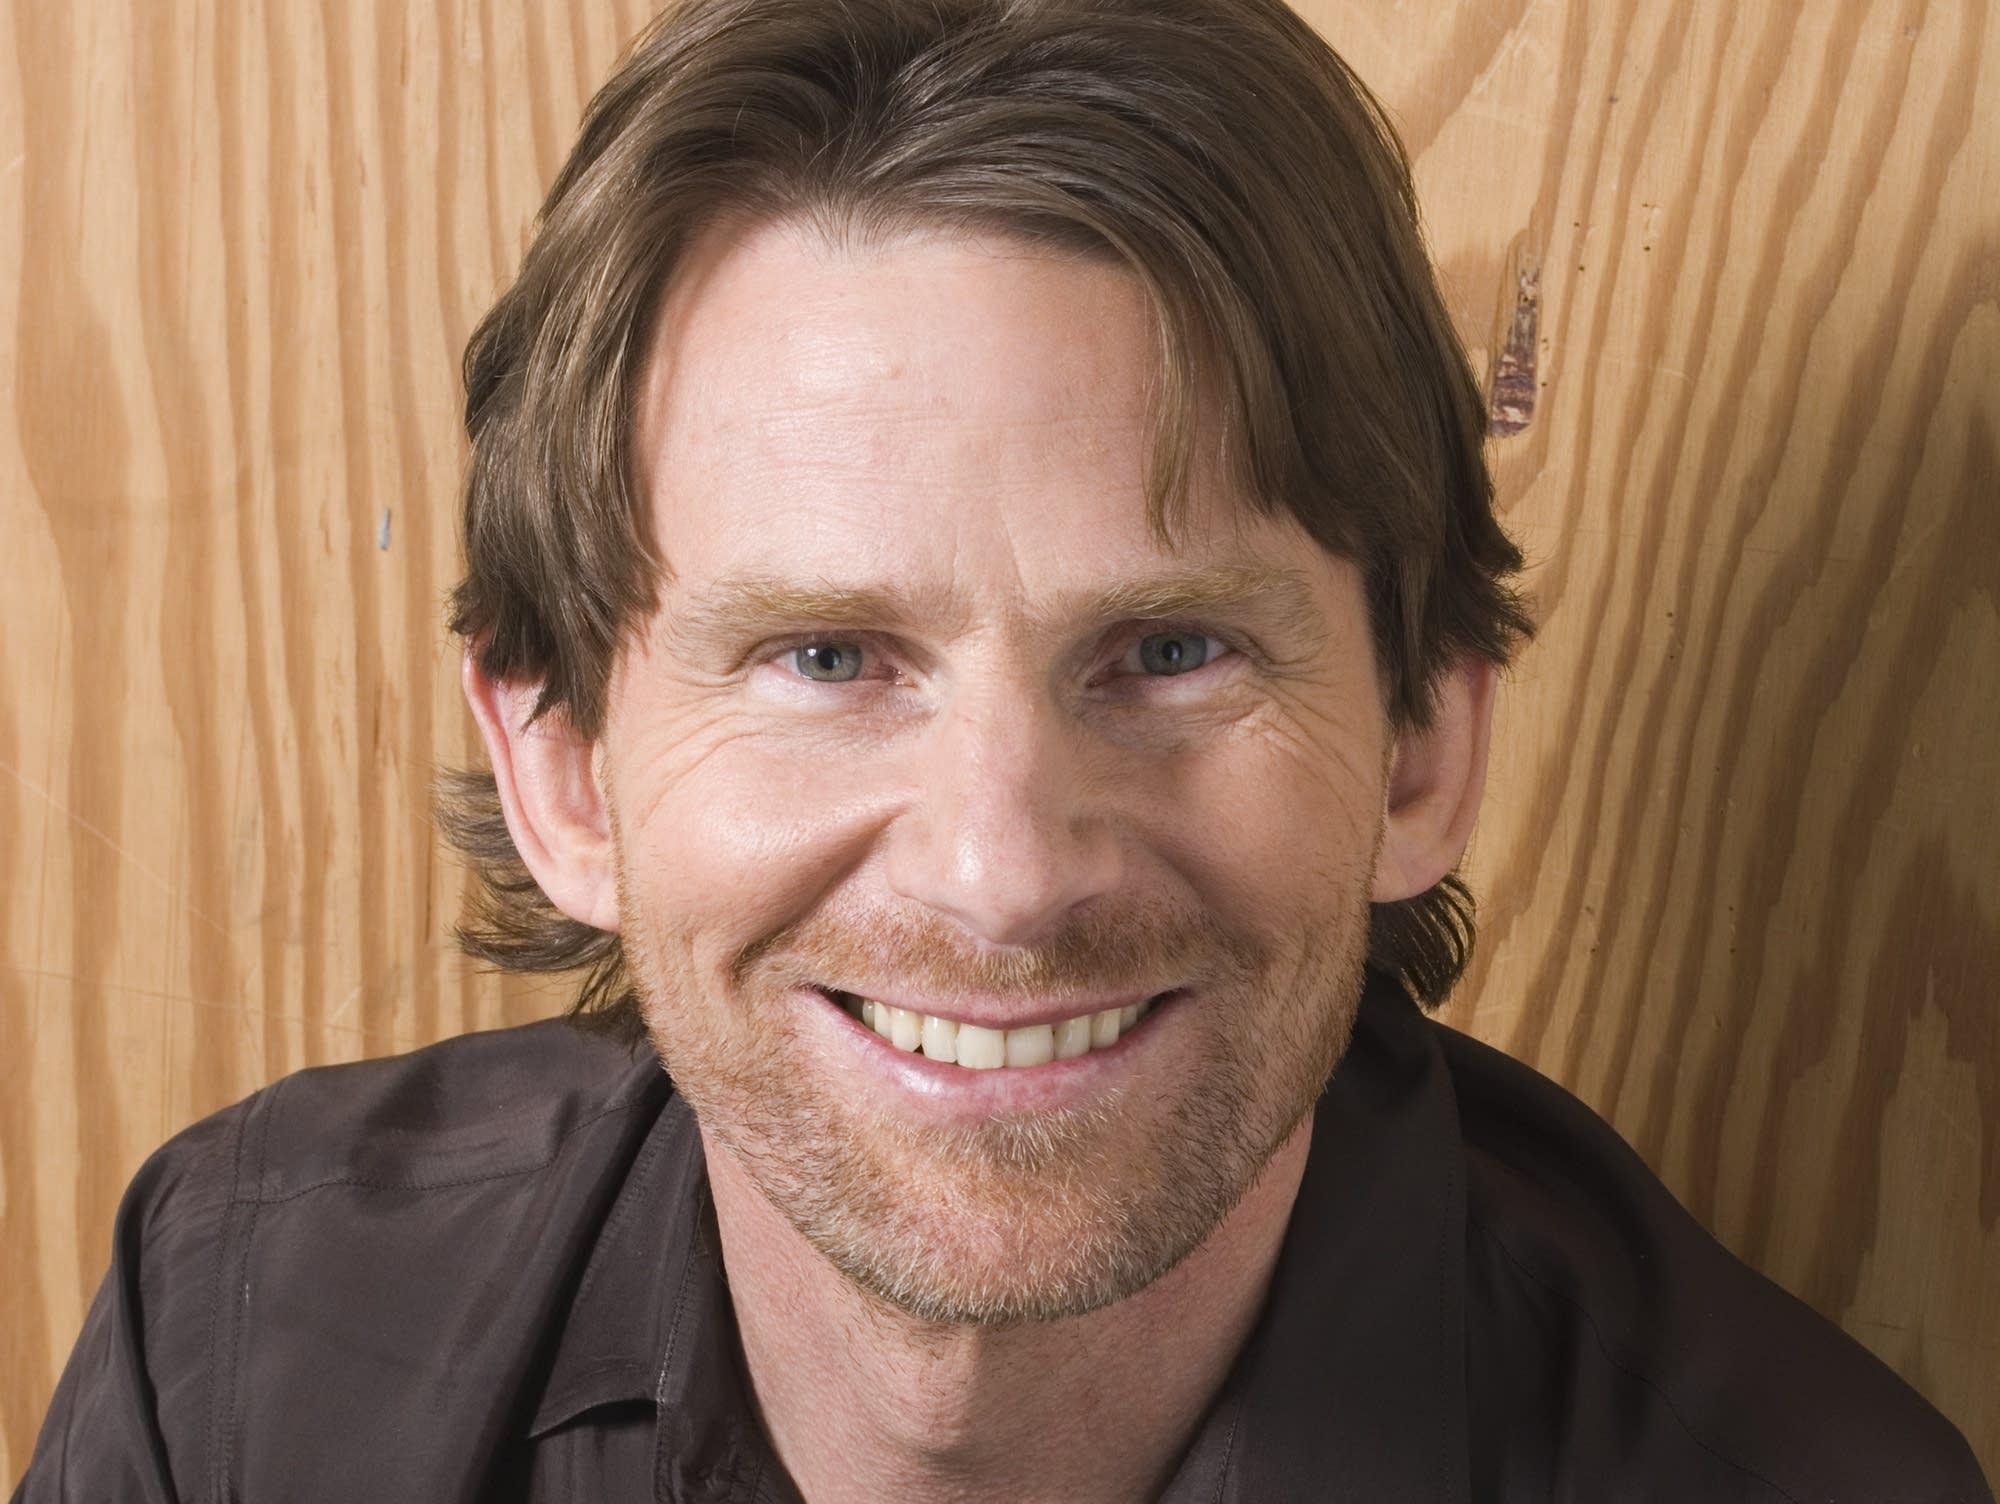 Composer Steven Mackey